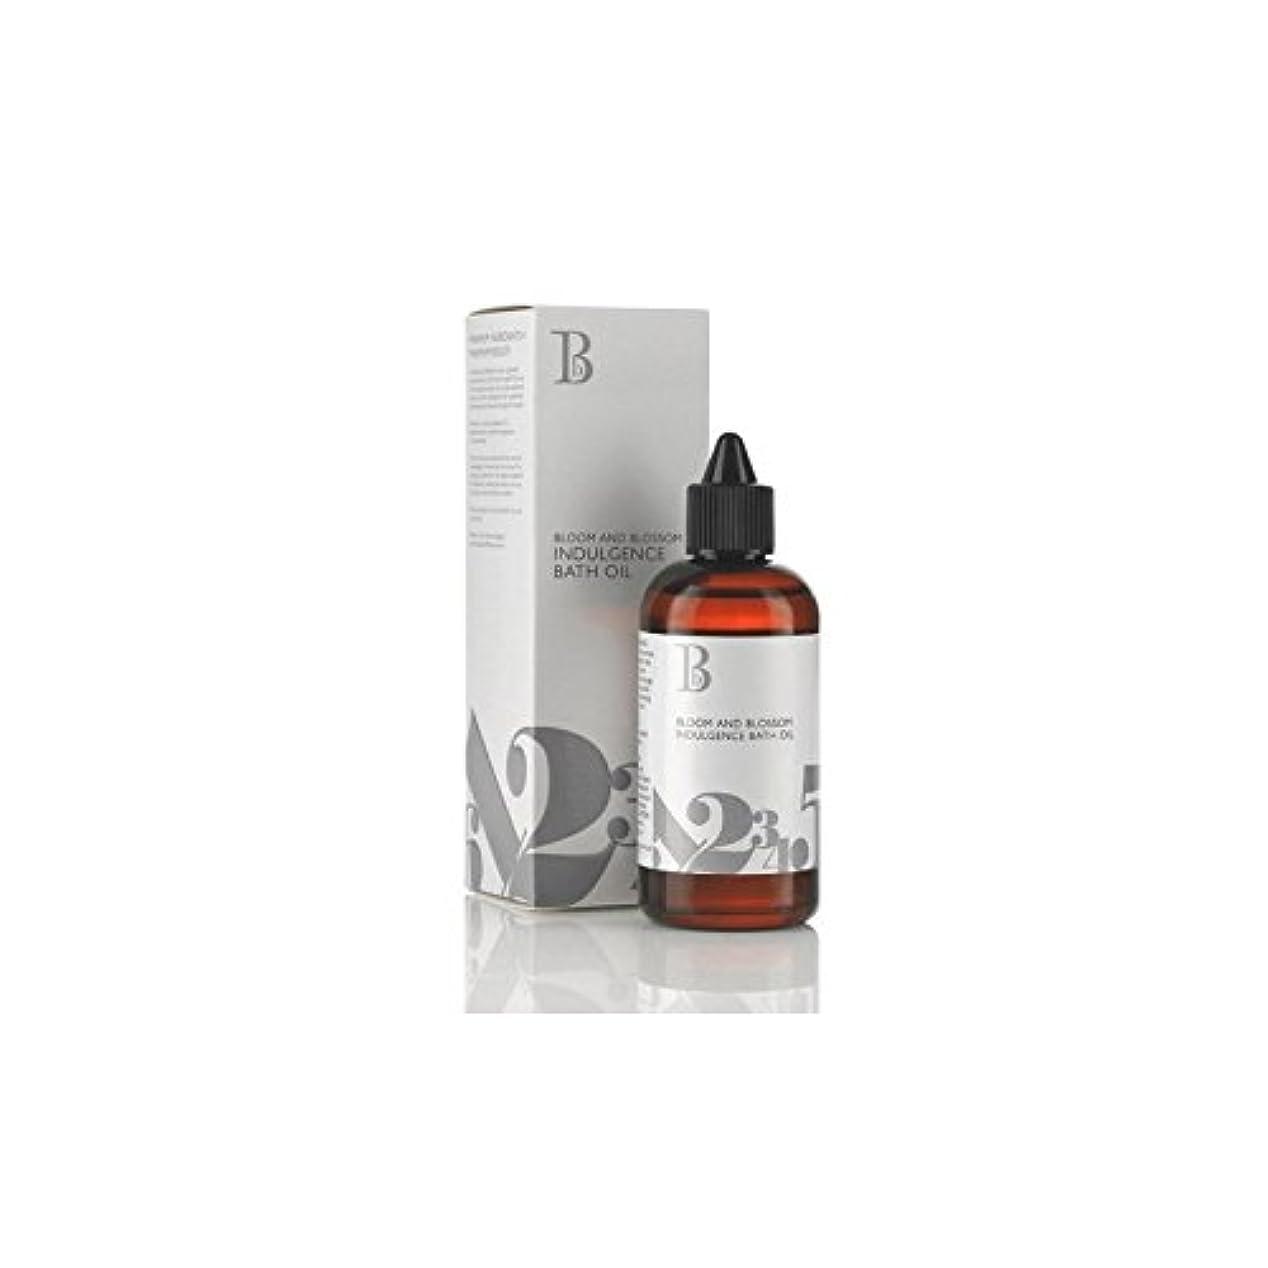 軍団雑品浴室Bloom and Blossom Indulgence Bath Oil (100ml) (Pack of 6) - ブルーム、ブロッサム耽溺バスオイル(100ミリリットル) x6 [並行輸入品]